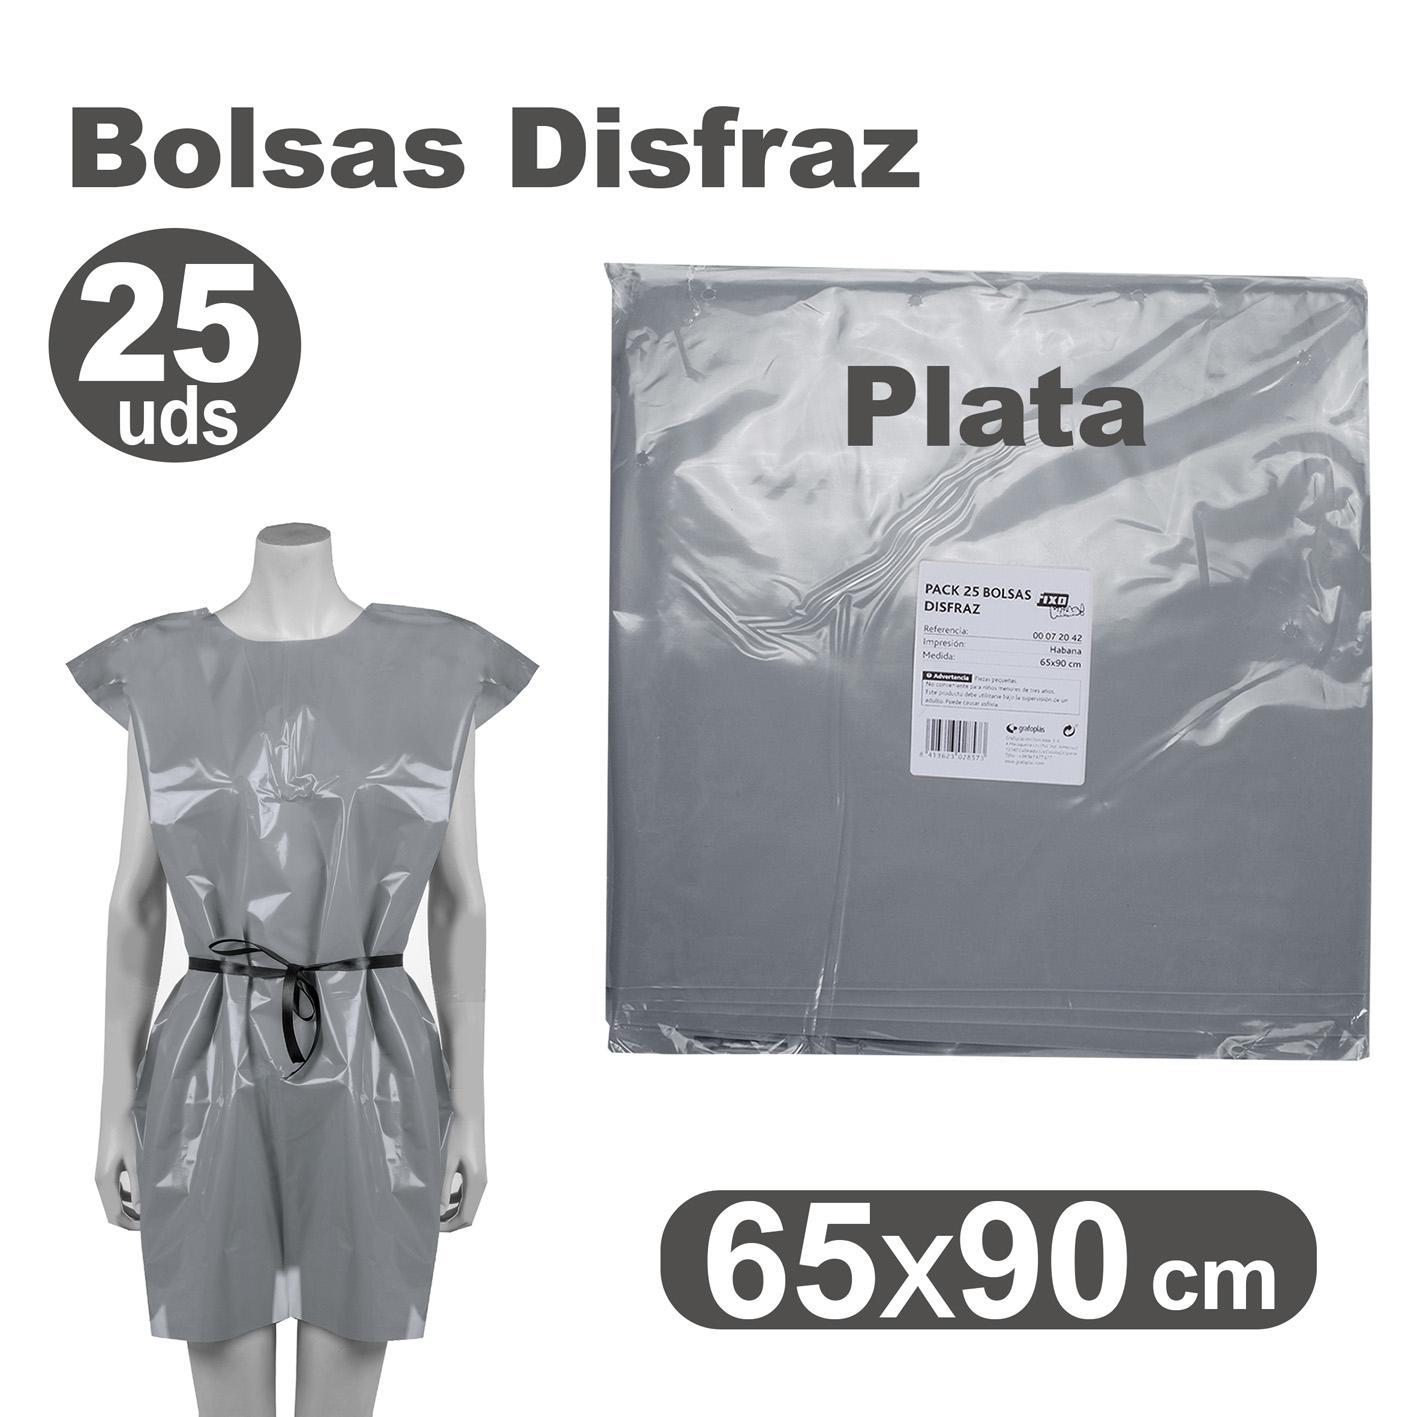 PACK 25 BOLSAS DISFRACES 65X90CM PLATA